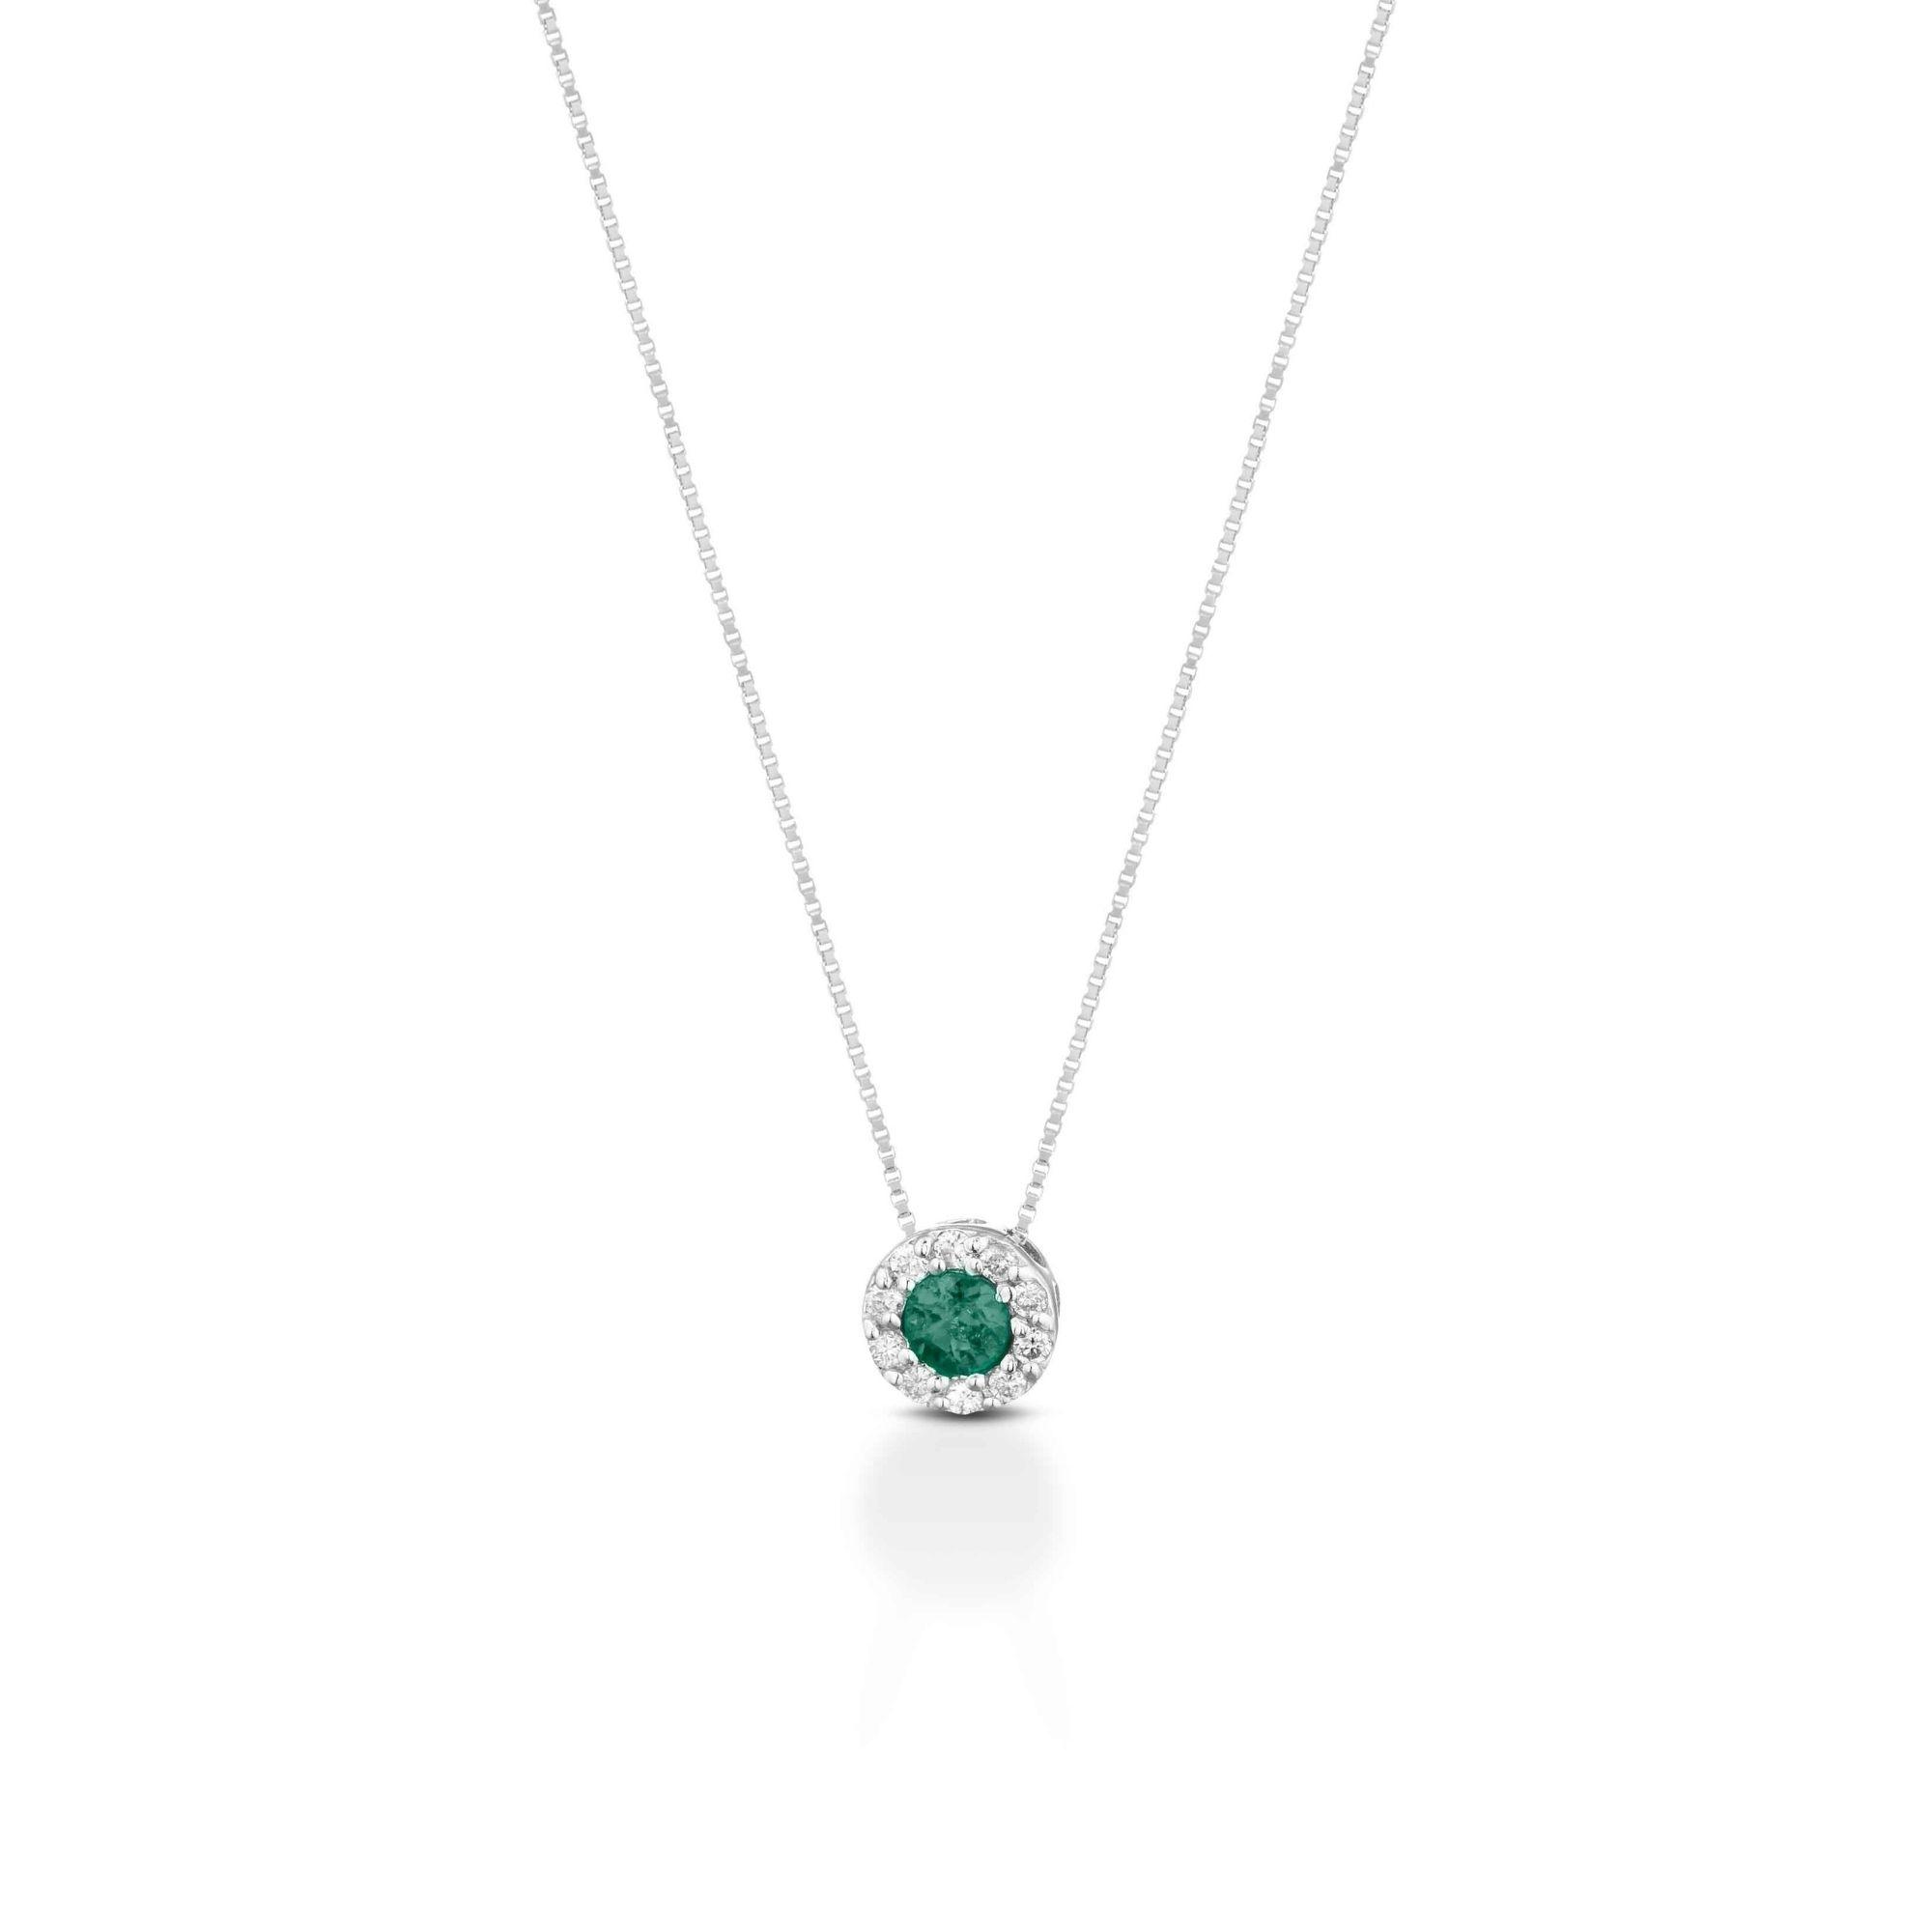 Collana oro bianco smeraldo e diamanti Necklace white gold emerald and diamonds sconto discount